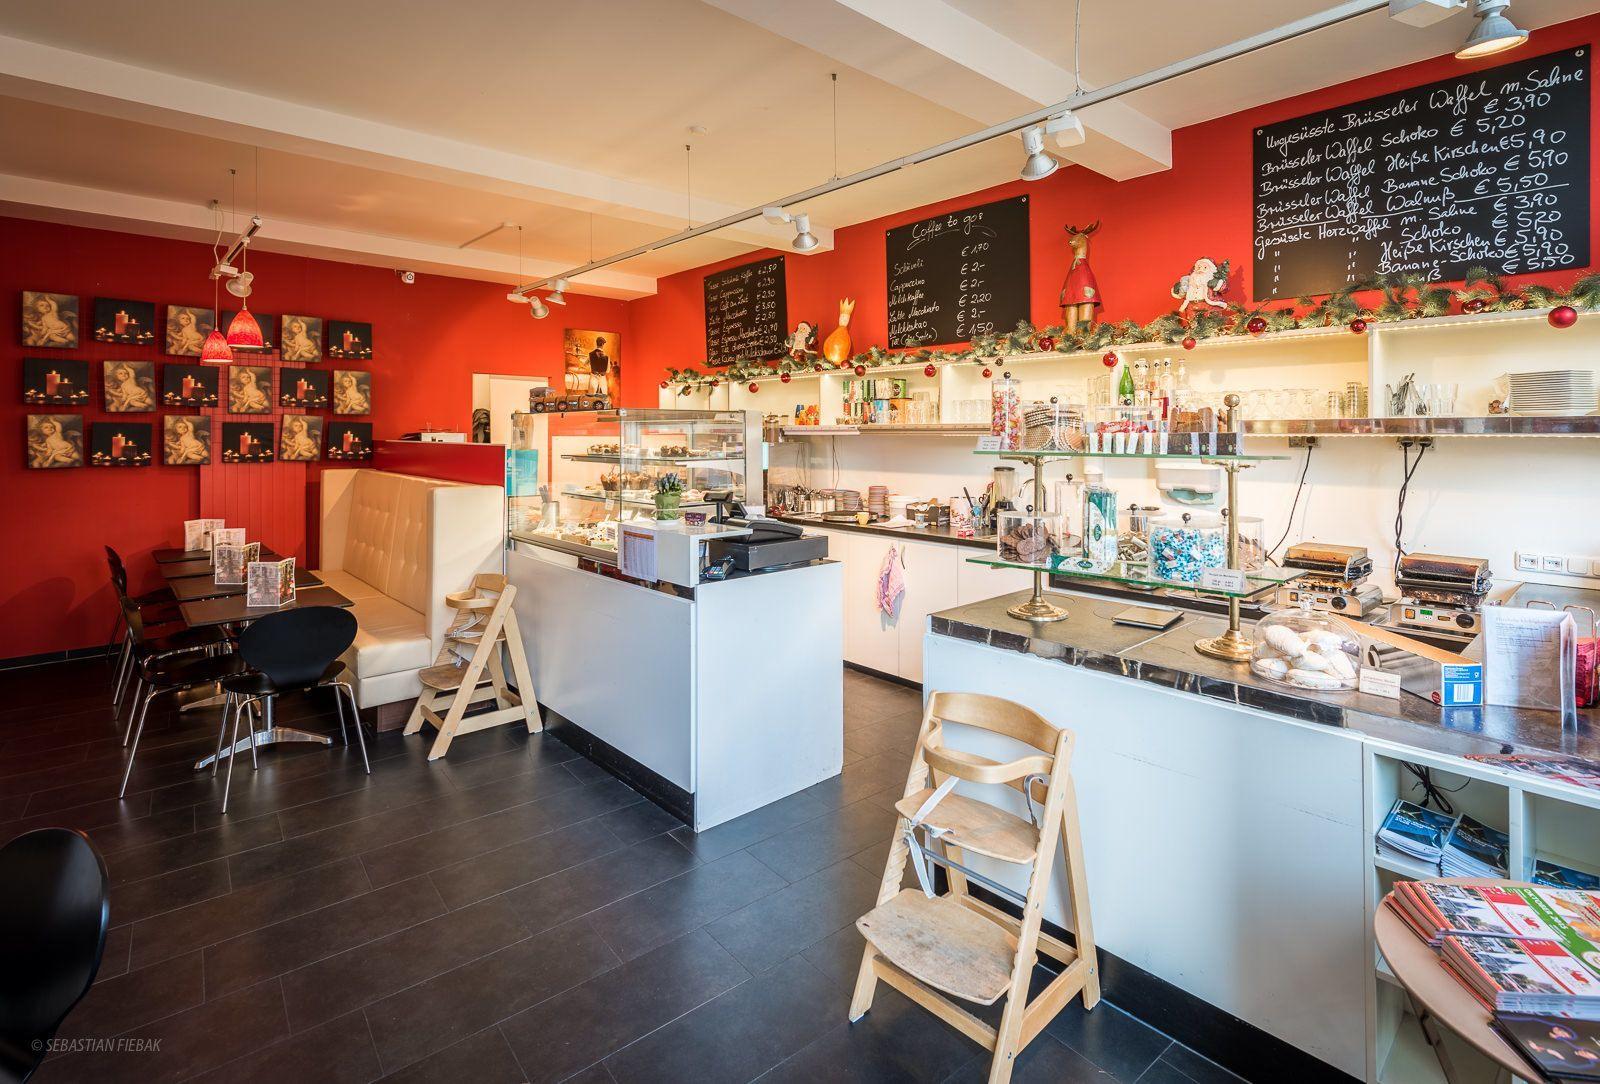 cafe liege aachen google street view 10